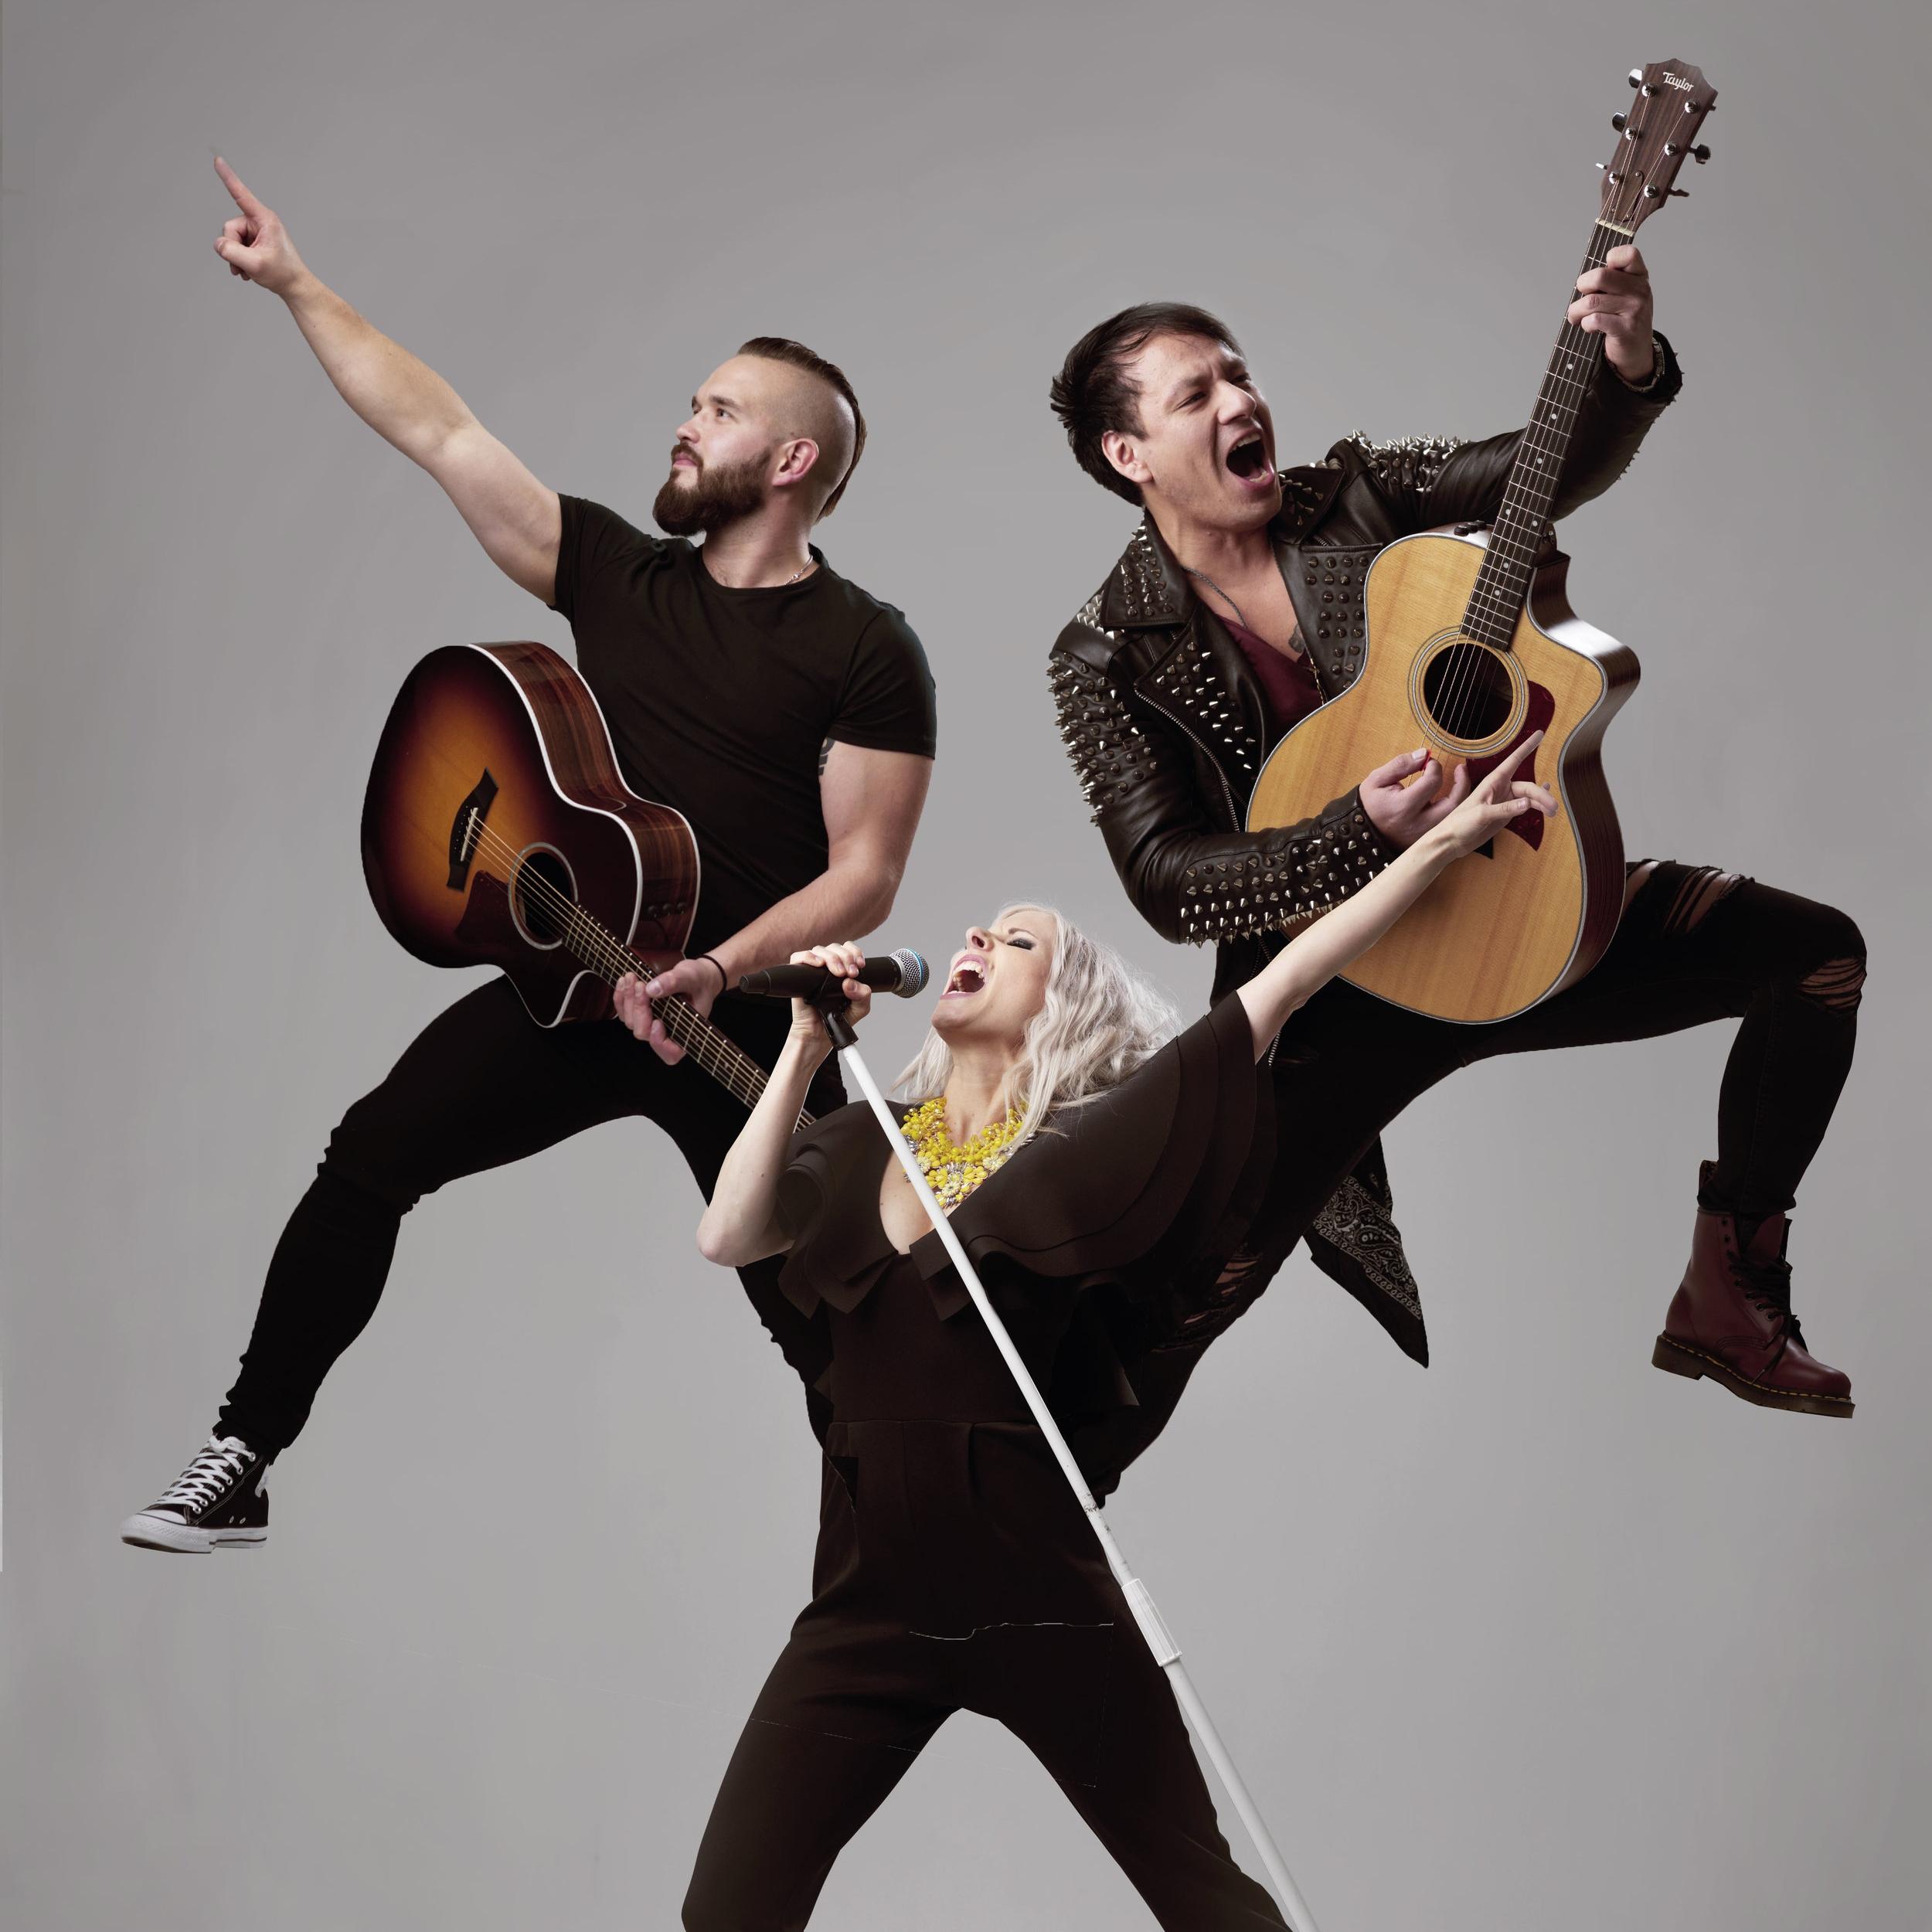 LIVE-MUSIK - Iförd full rockmundering bjuder det akustiska partybandet Demoll Hybrid på 80talets allra största hårdrocks-klassiker!